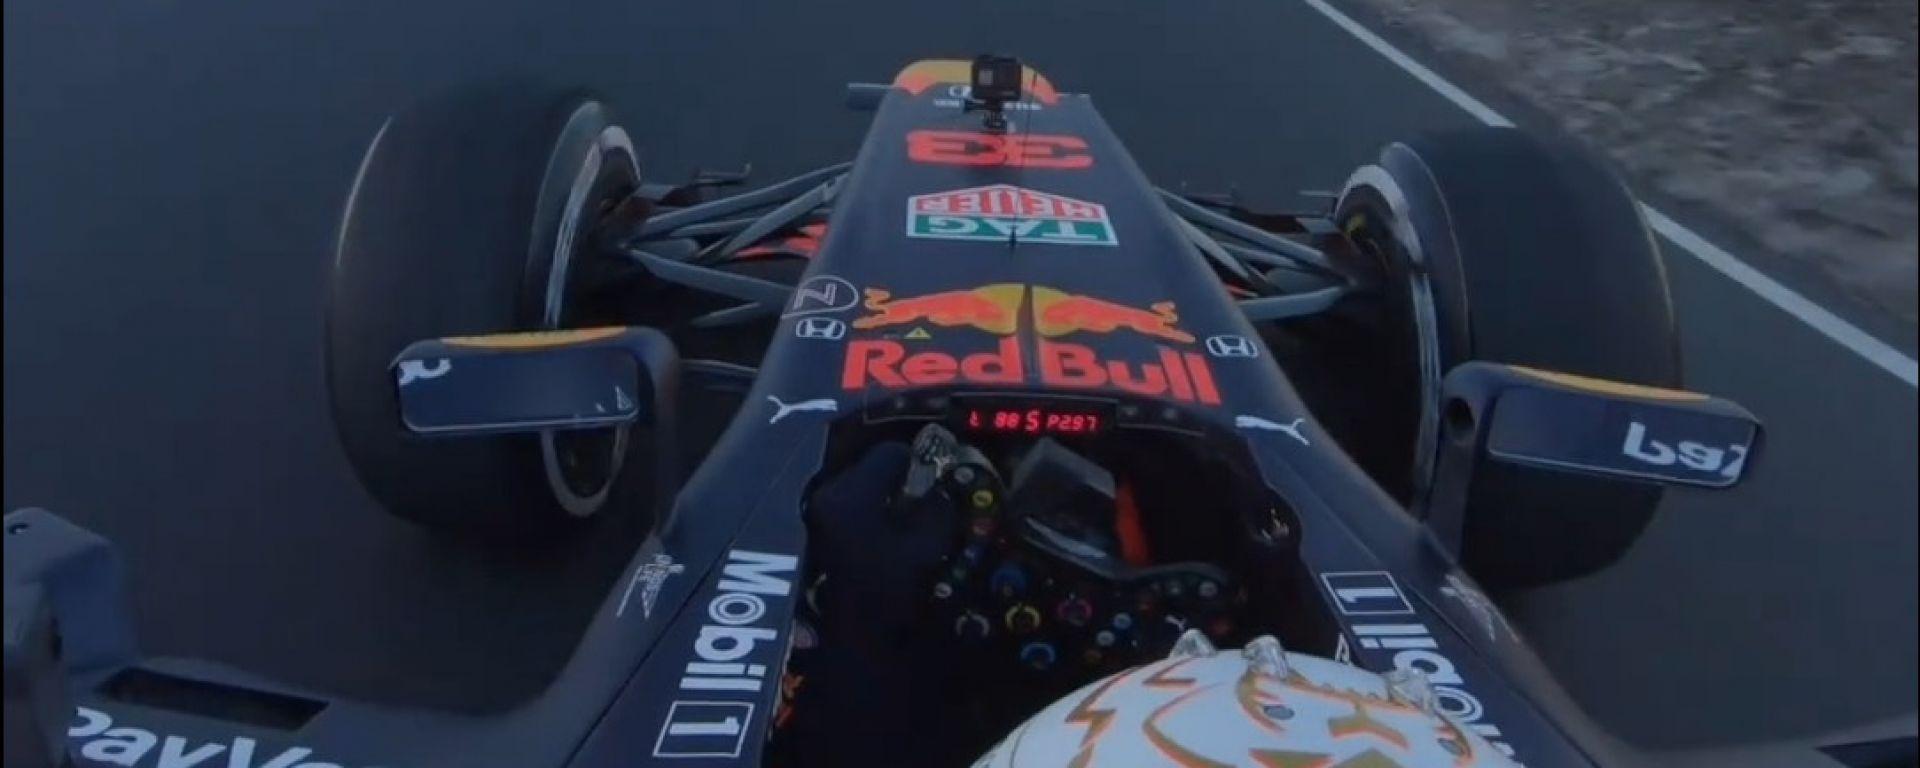 F1 2020: Max Verstappen impegnato nell'ultima curva del circuito di Zandvoort